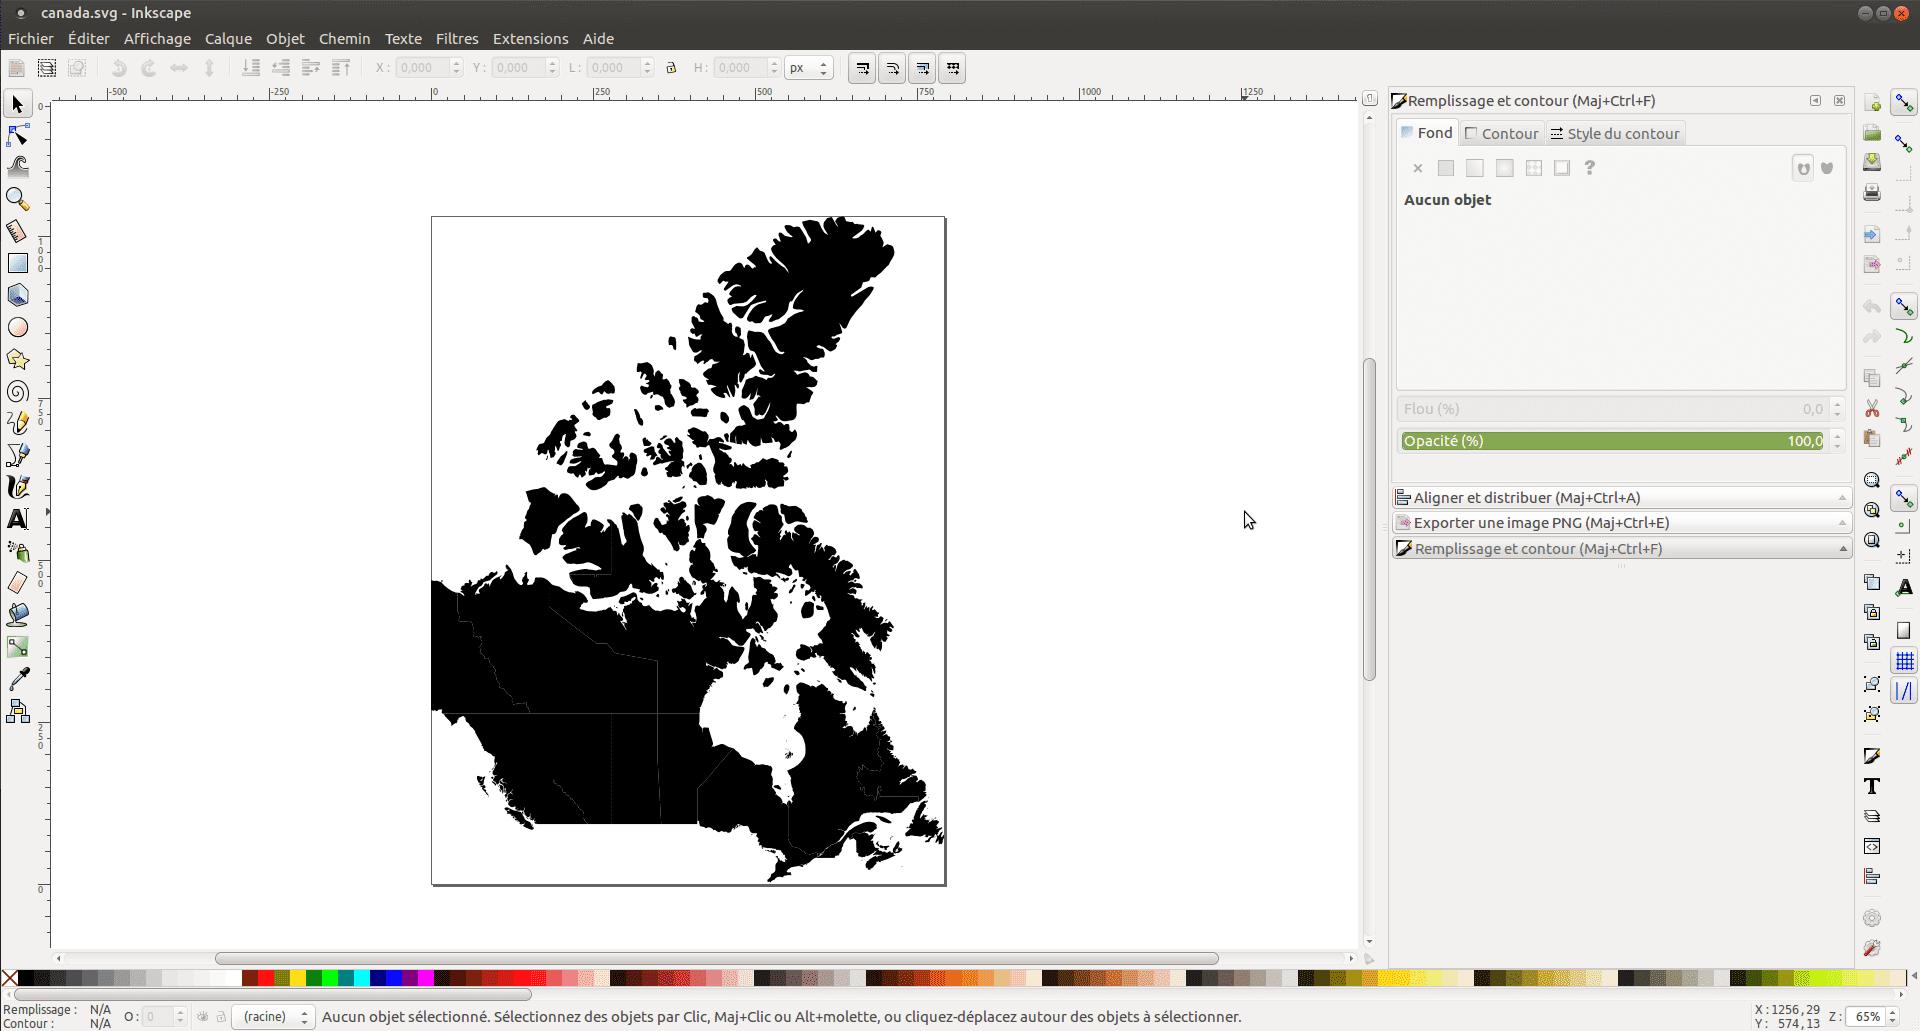 Une carte du Canada en format SVG